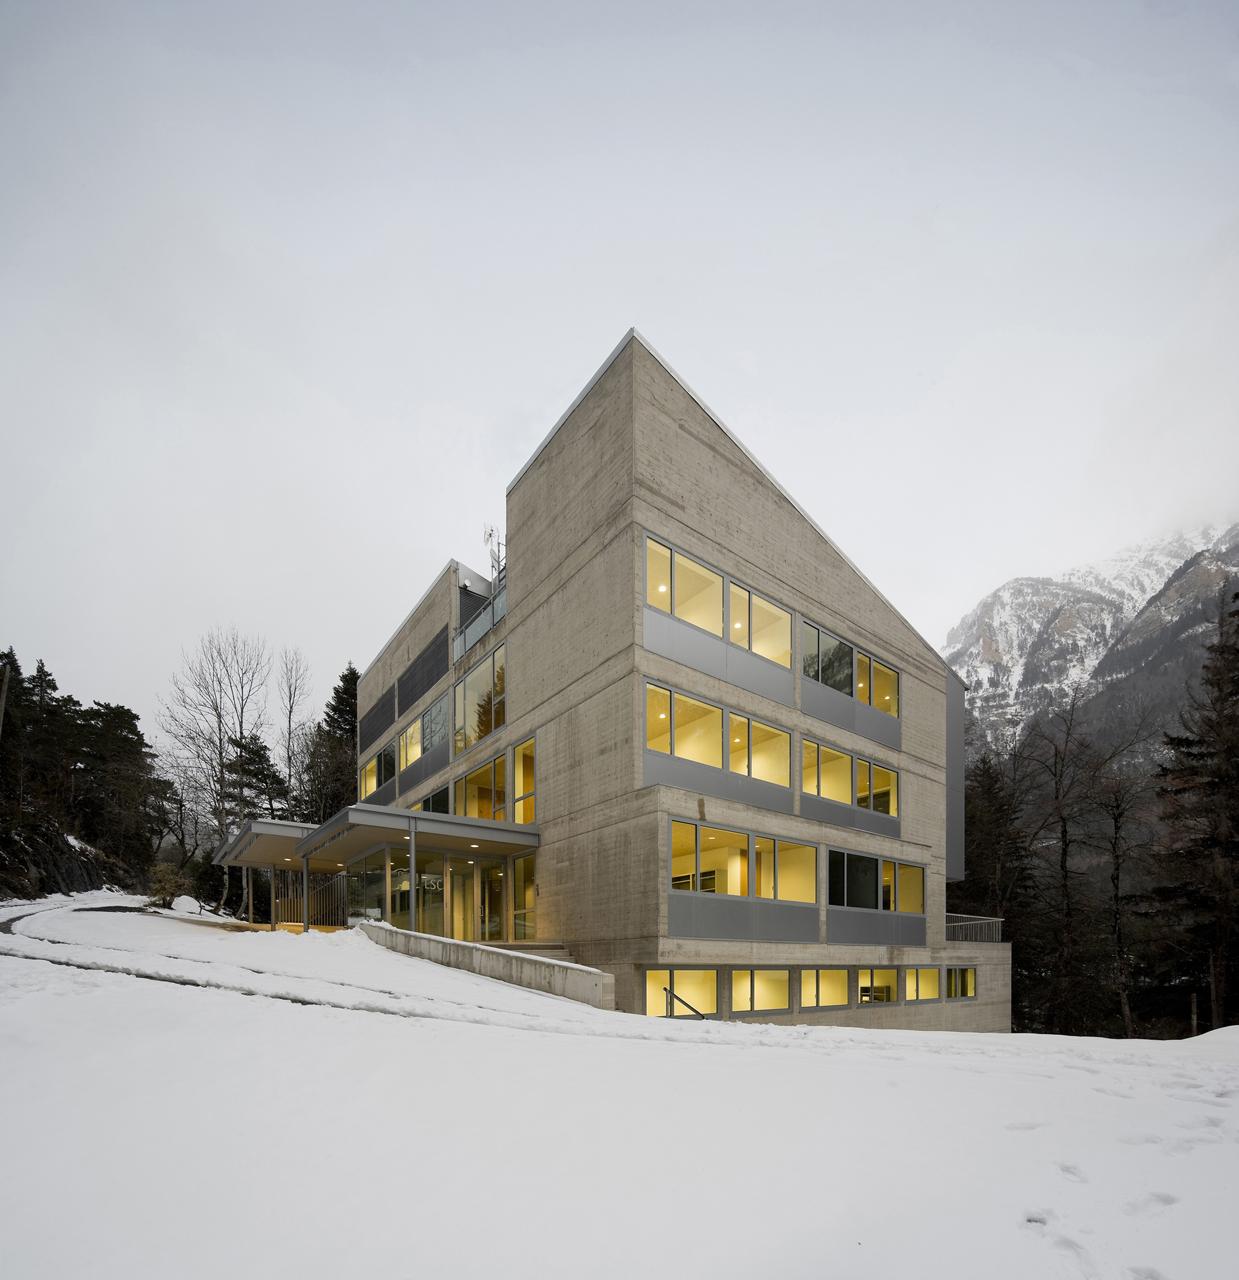 Edifício Sede do Laboratório Subterrâneo da Canfranc / Basilio Tobías, © Pedro Pegenaute